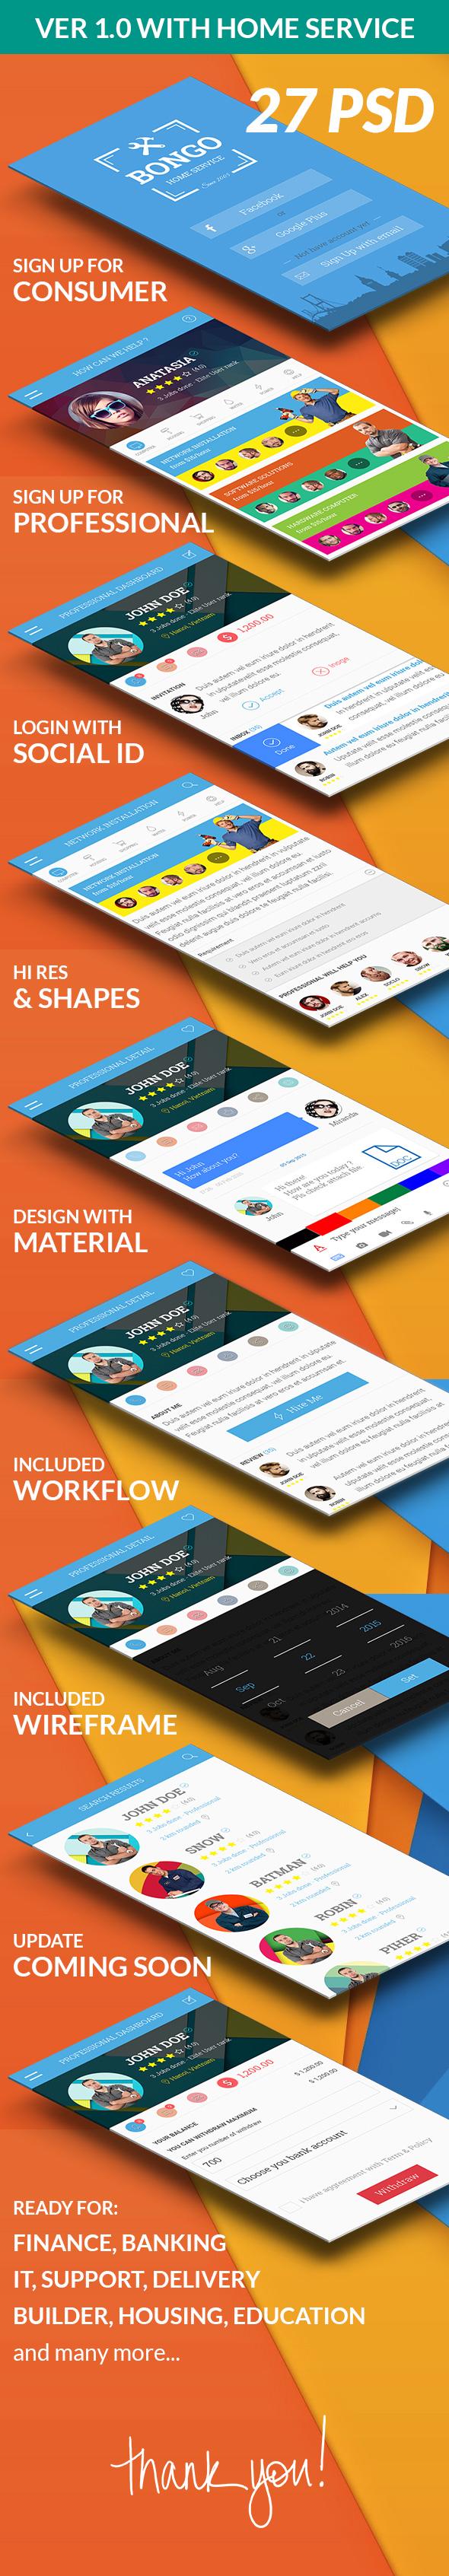 Bongo - Bongo Tasks Service App